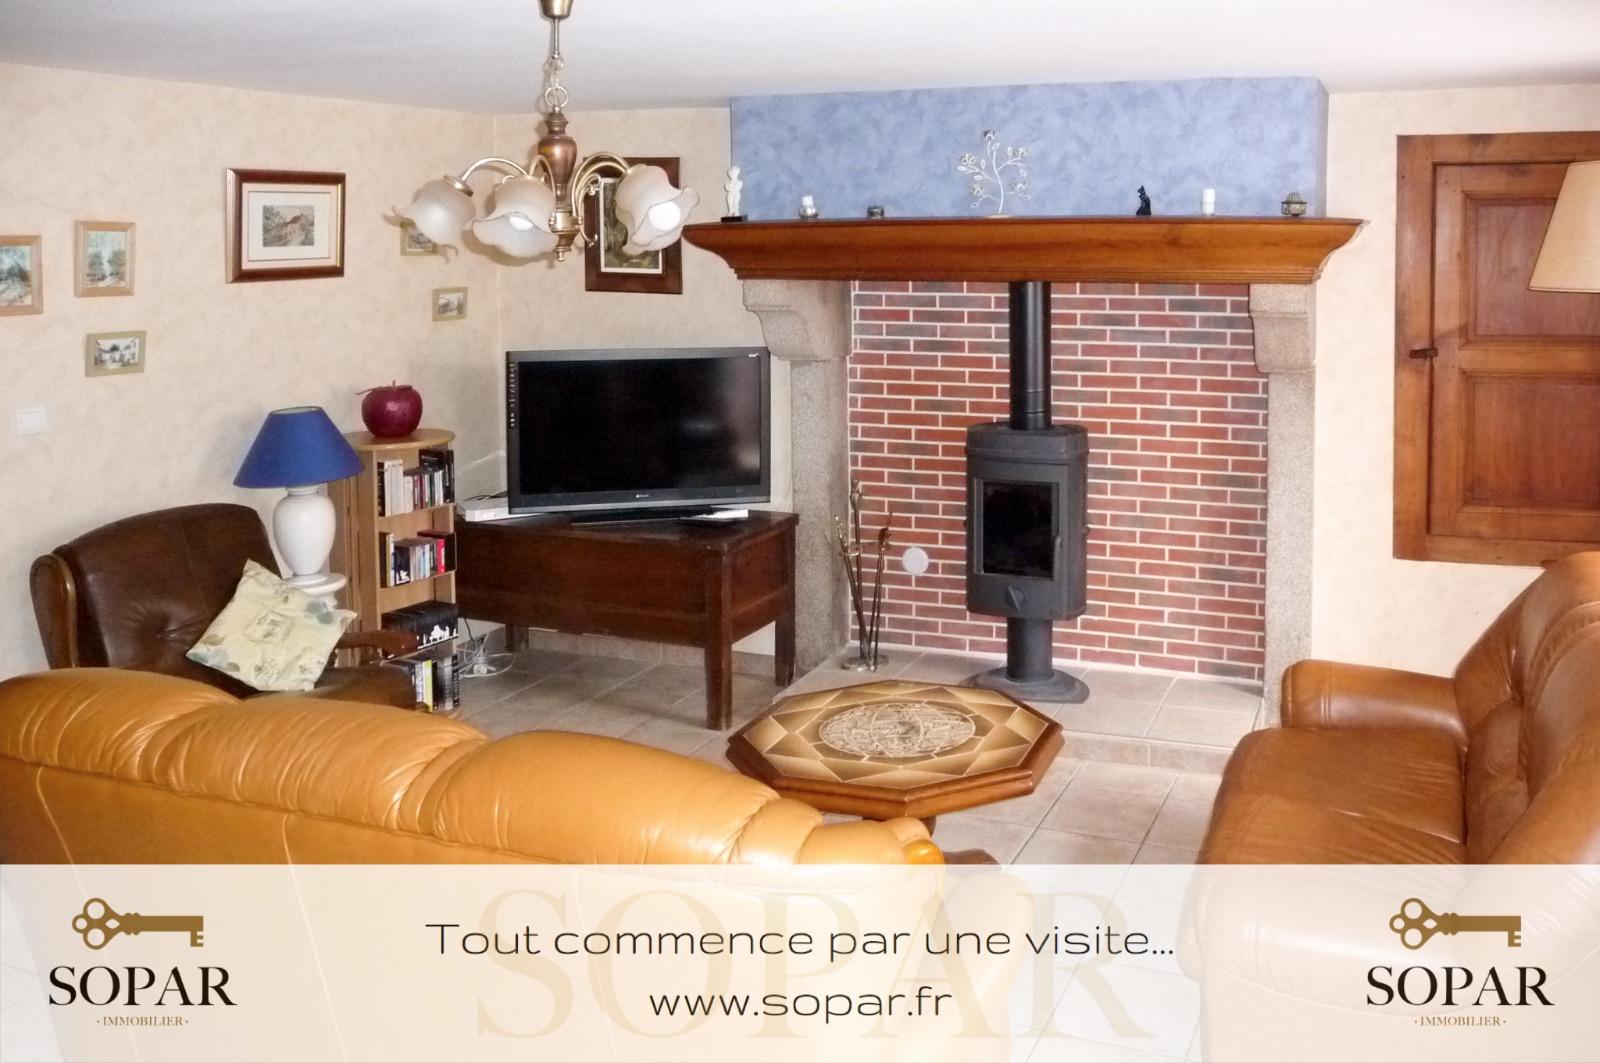 Vente Limoges Maison Ancienne De Type Fermette R 233 Nov 233 E